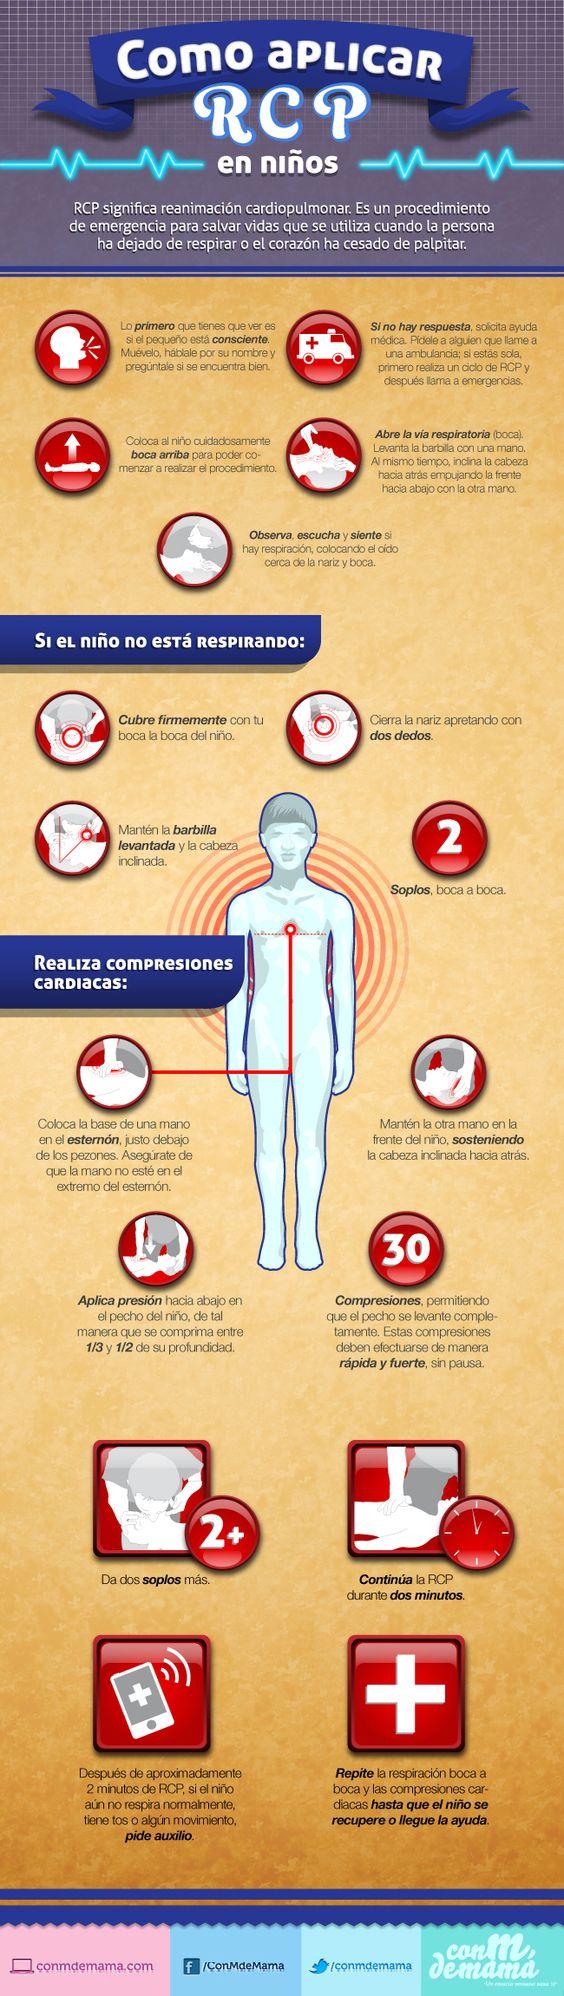 ¿Sabes cómo actuar en una emergencia? Aprende RCP para